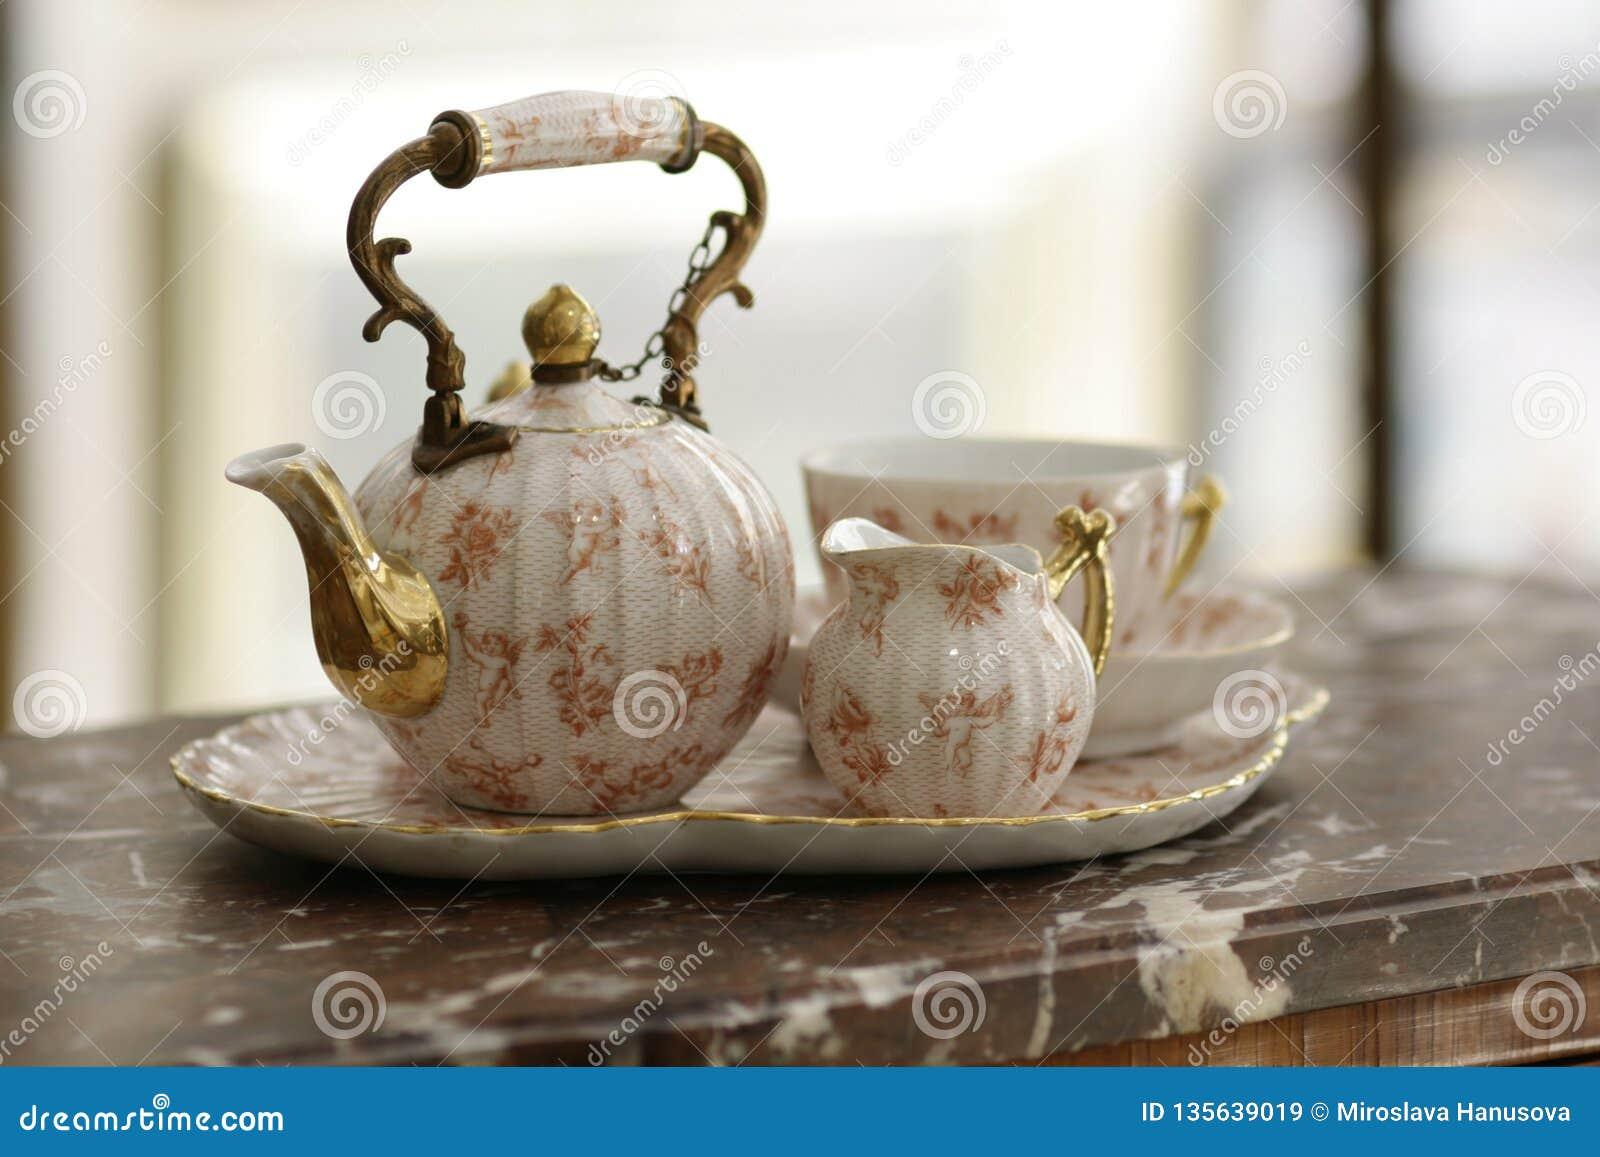 Grupo de chá da porcelana das antiguidades no mármore